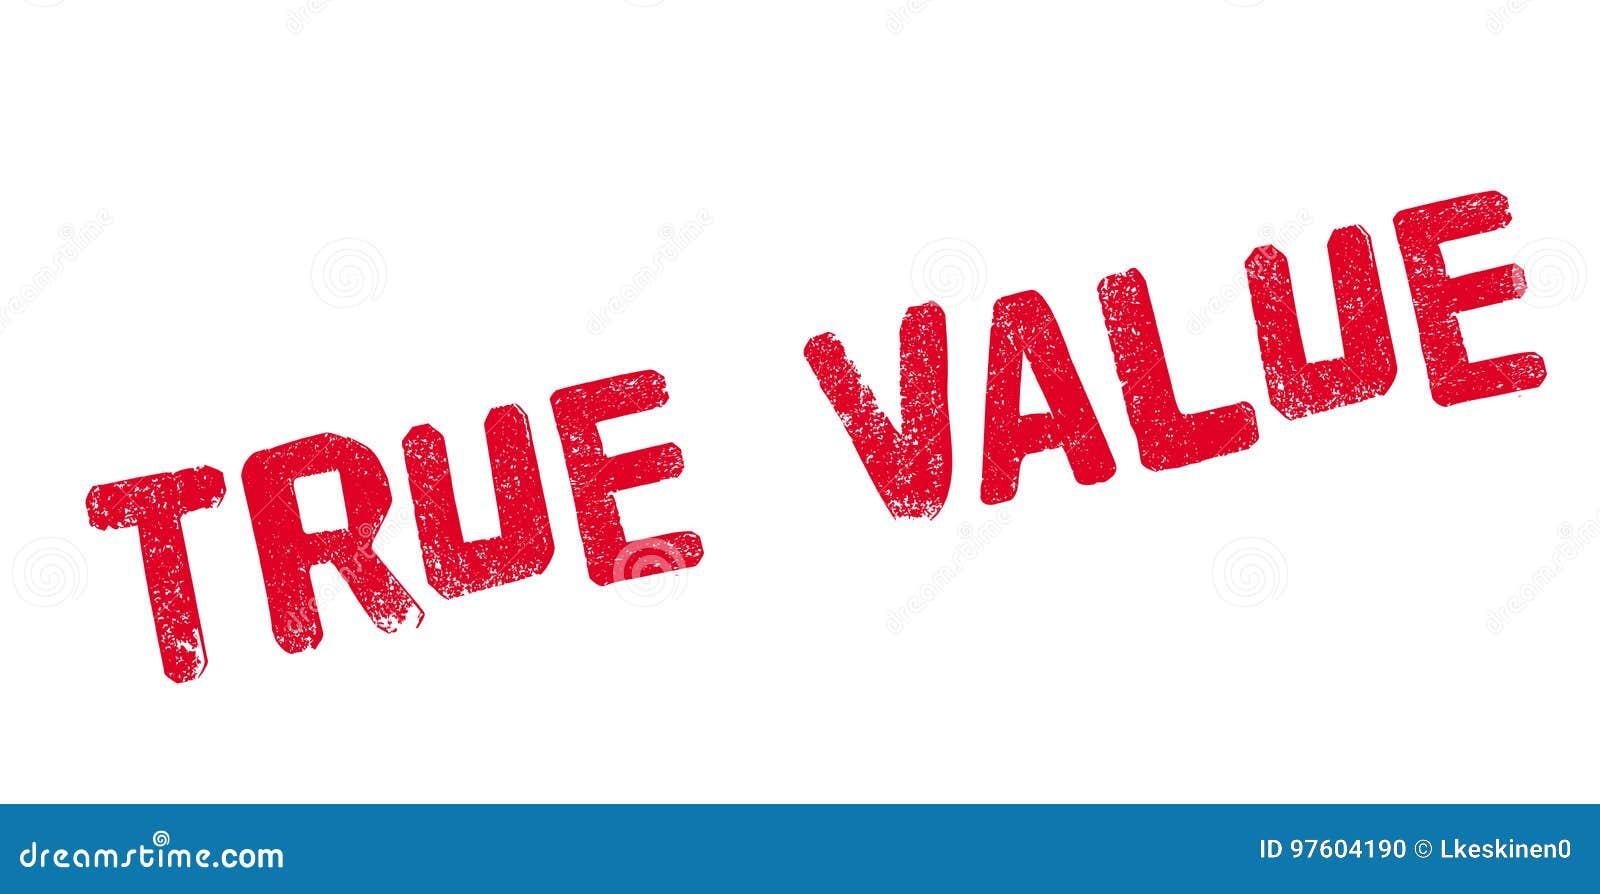 Carimbo de borracha do valor verdadeiro